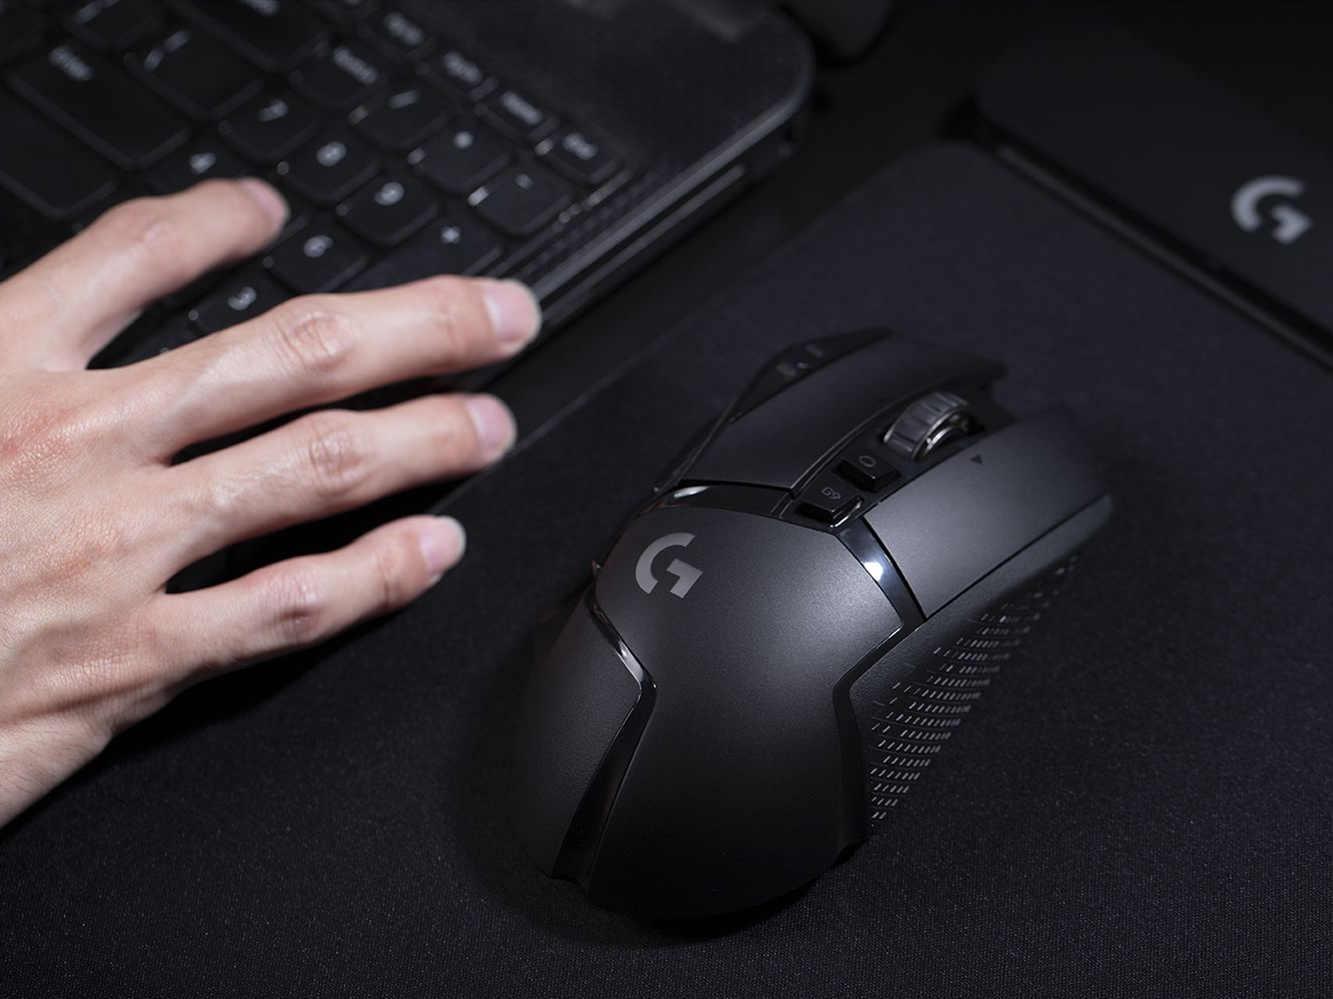 罗技G502 HERO主宰者鼠标优惠_罗技G502怎么样